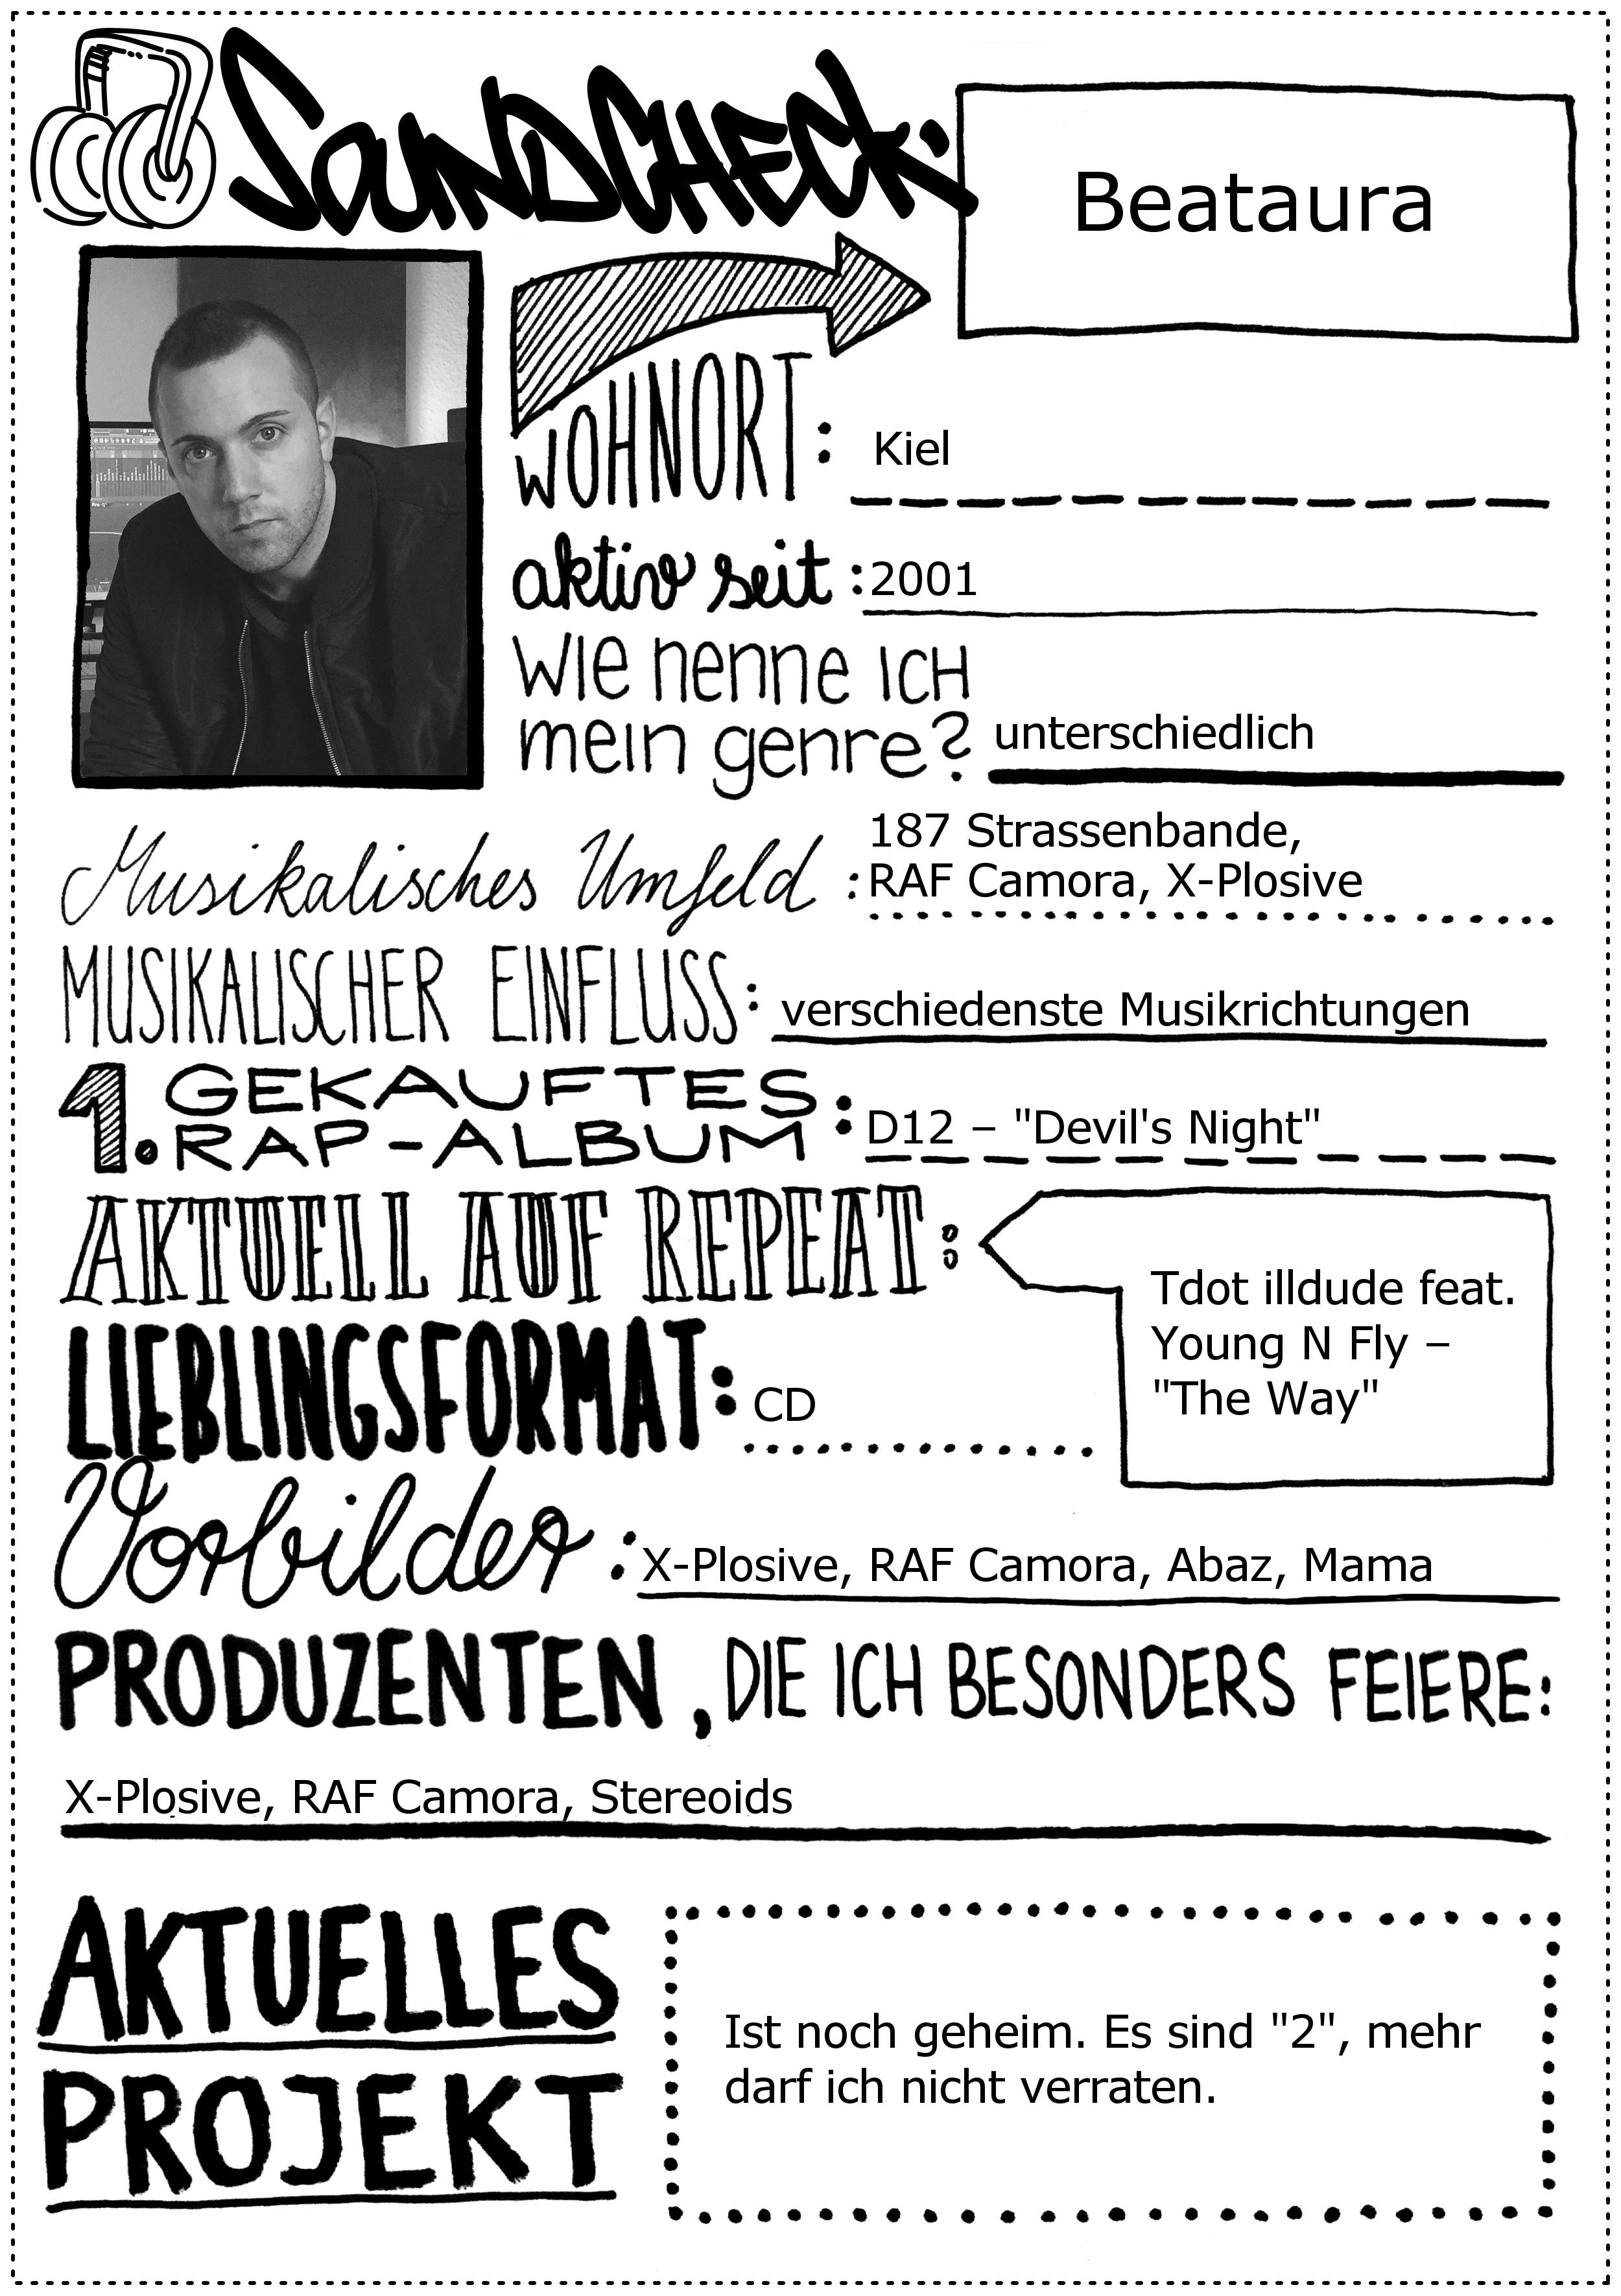 sc_beataura_checkliste